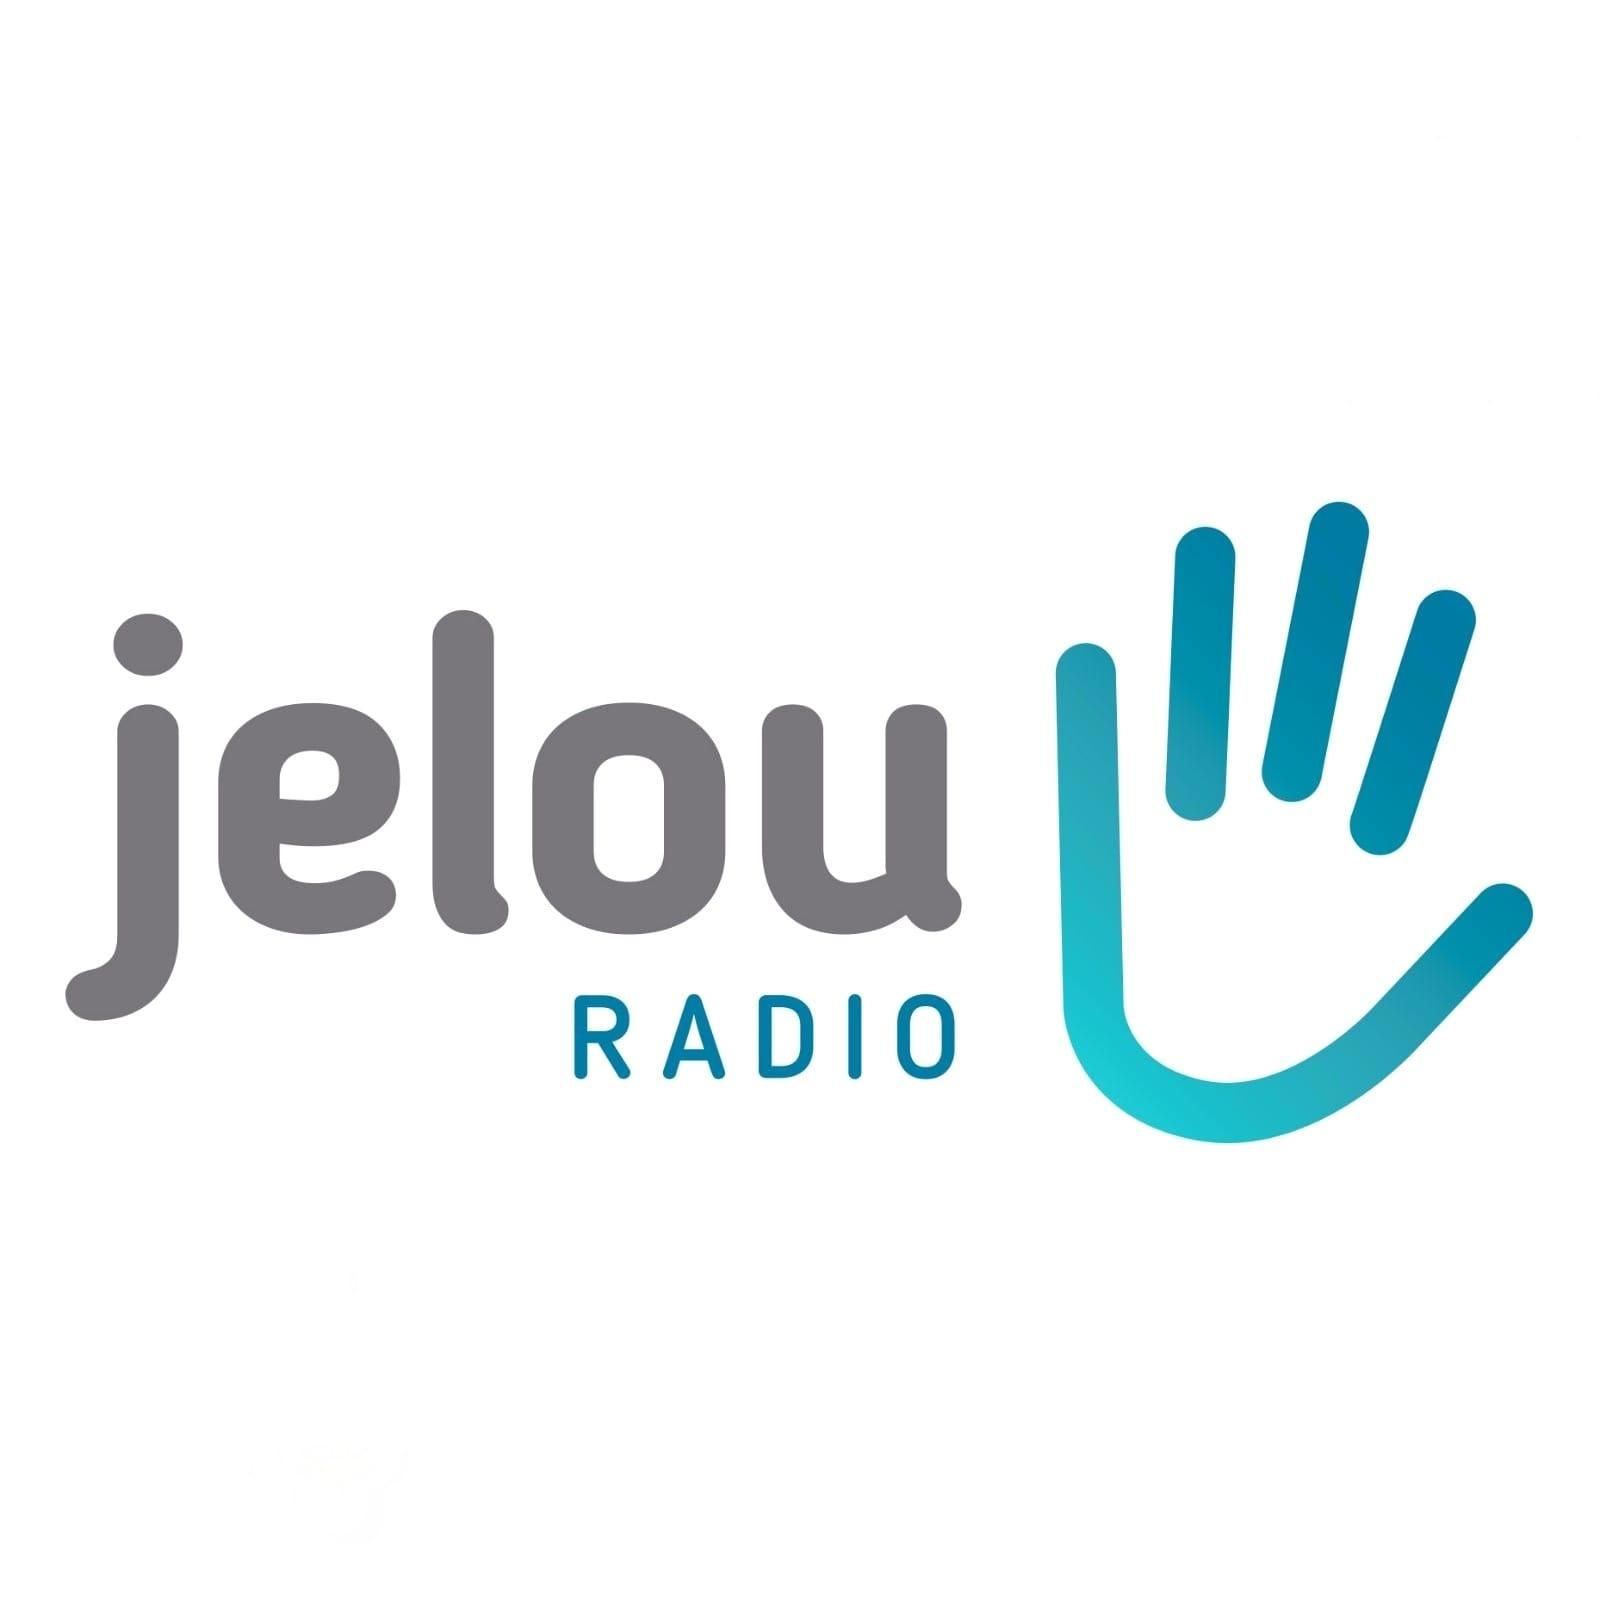 Jelou Radio